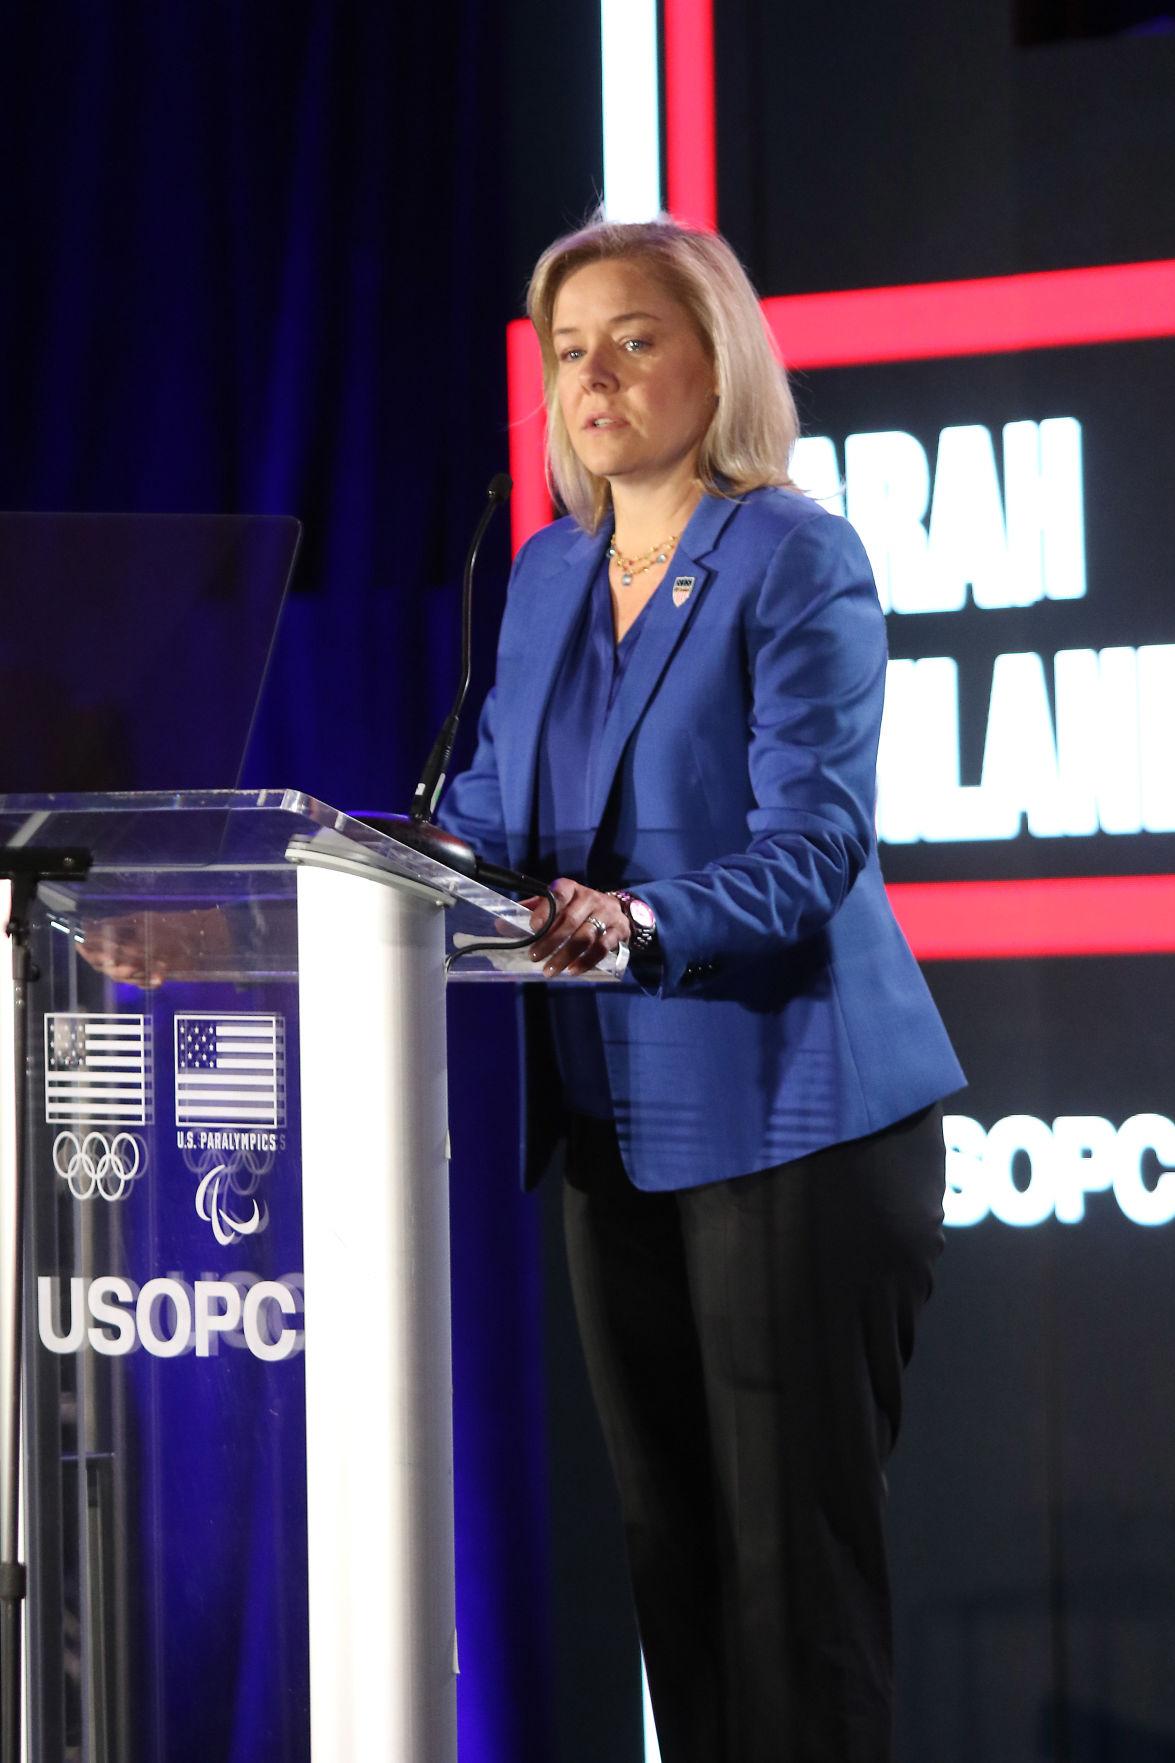 Sarah Hirshland, CEO USOPC